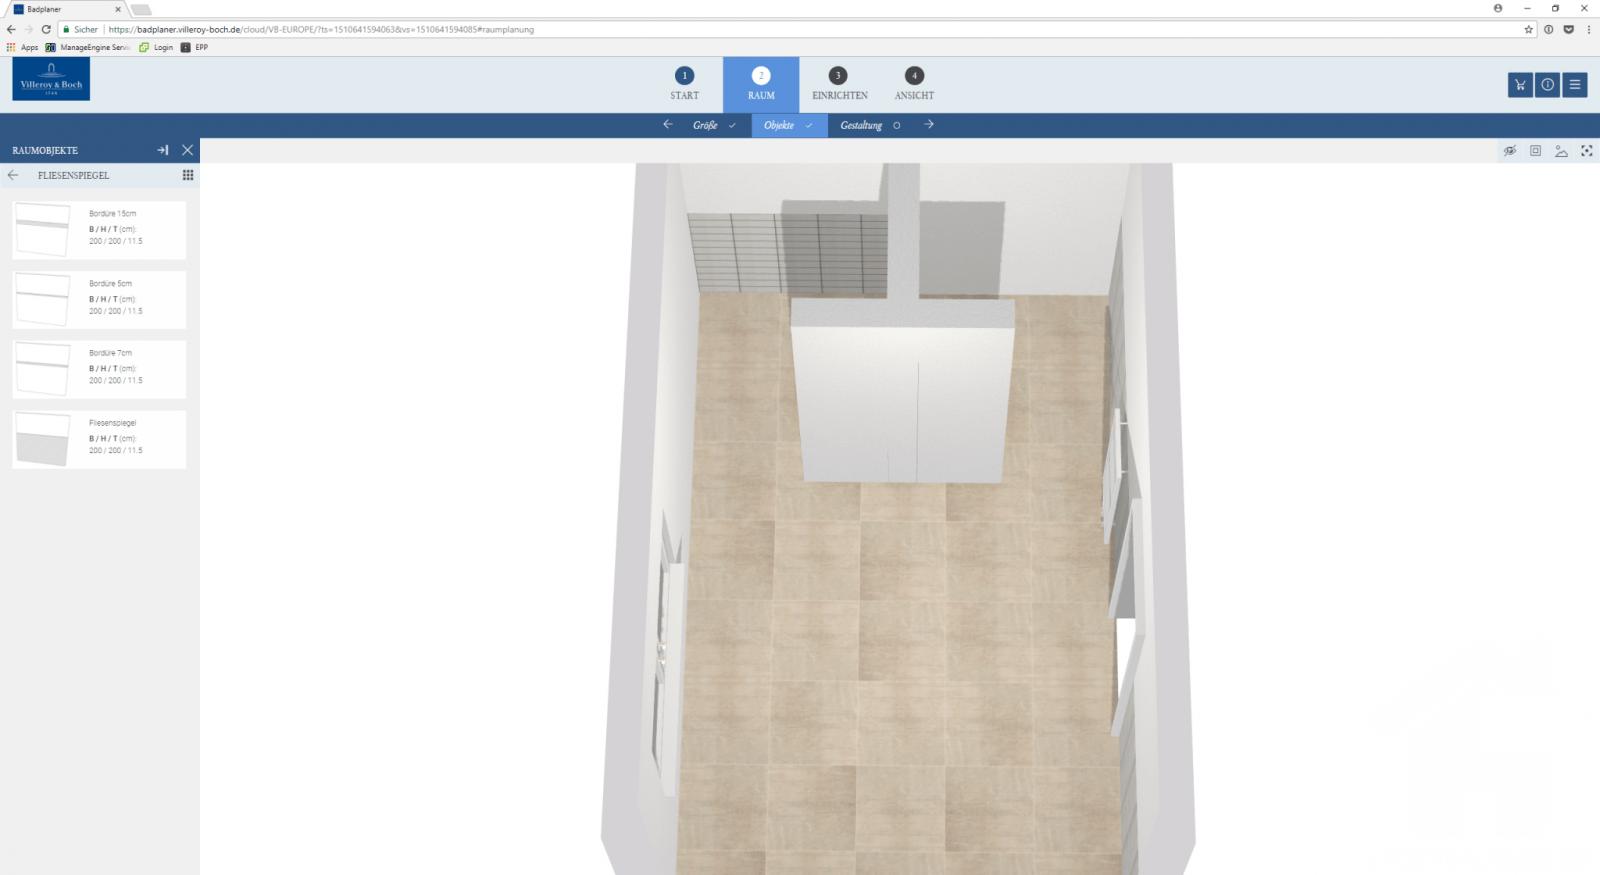 Test Der Villeroy Und Boch Online Badplaner  Seite 2 Von 3  Unser von Badplaner Villeroy Und Boch Bild